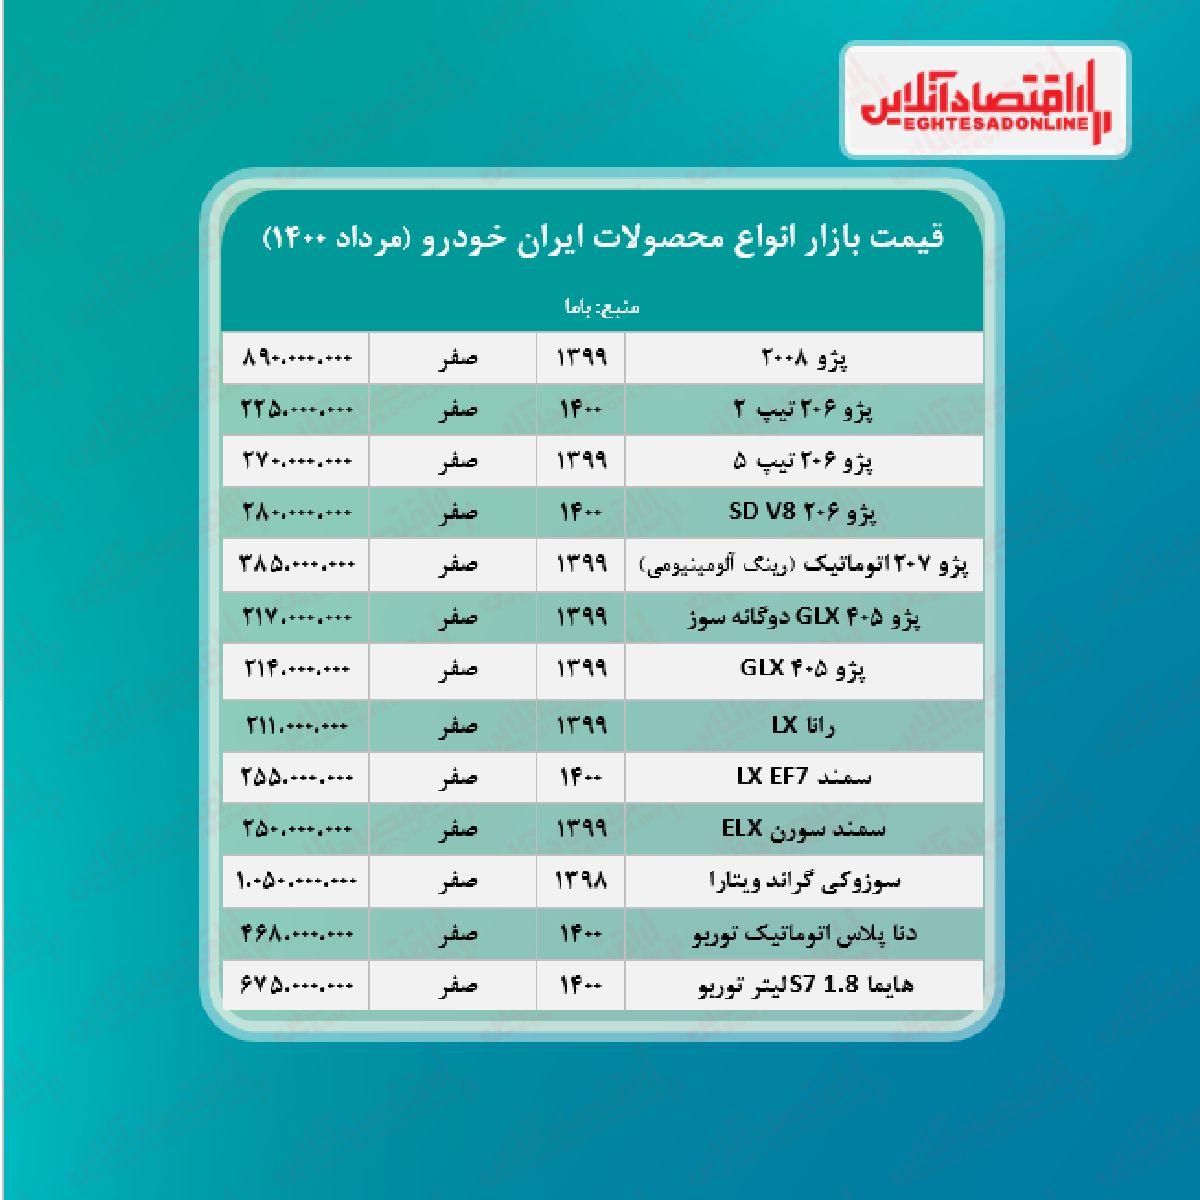 قیمت محصولات ایران خودرو امروز ۱۴۰۰/۵/۷